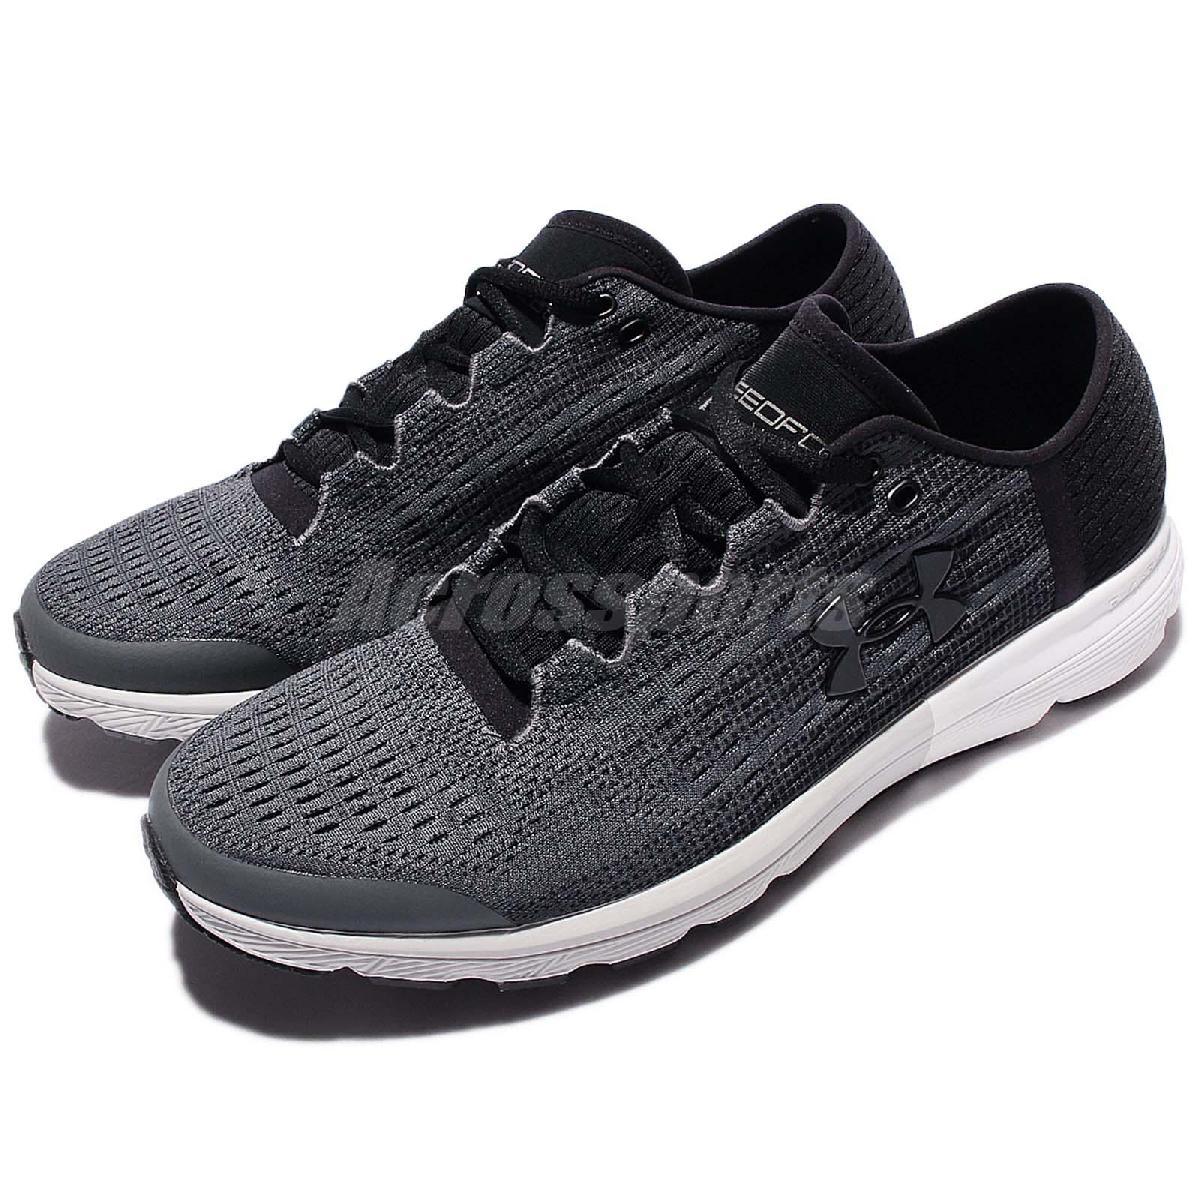 Under Armour UA慢跑鞋Speedform Velociti灰黑白底運動鞋男鞋PUMP306 1285680076